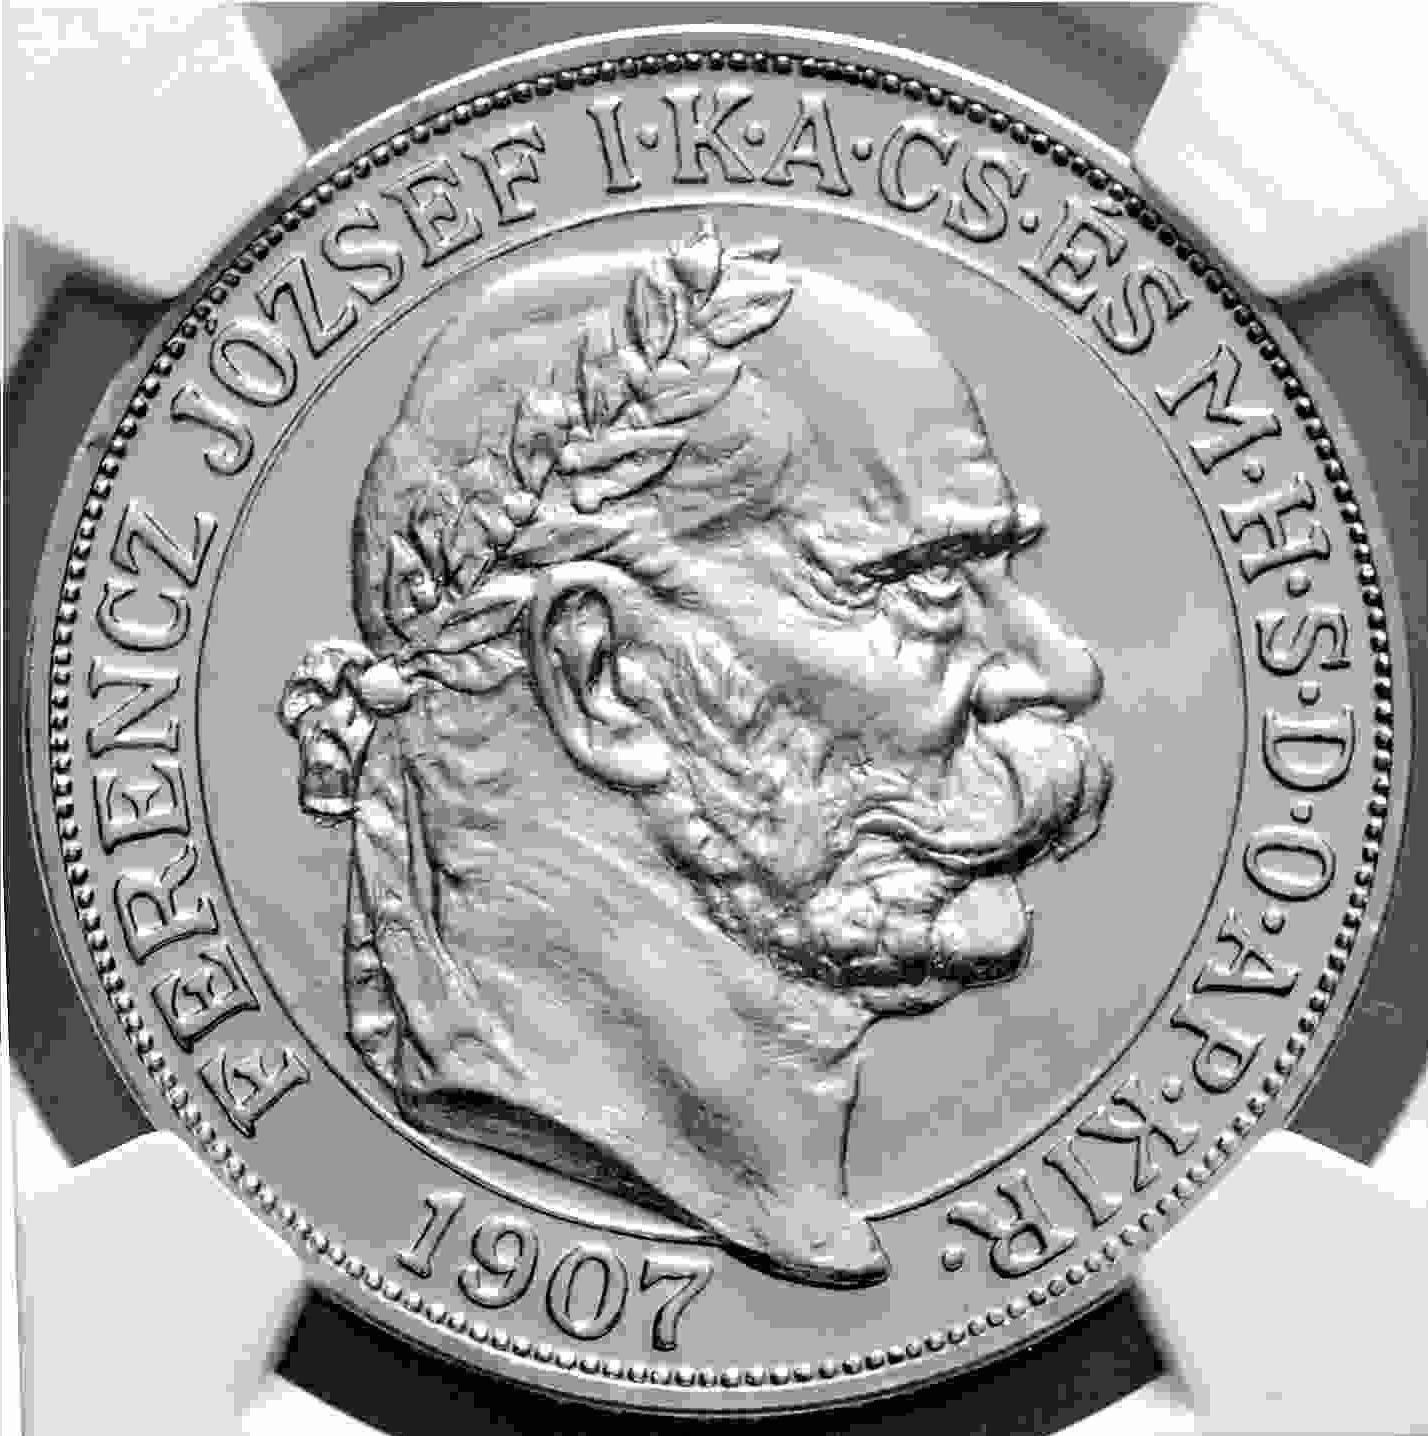 【動画あり】チェコ・スロバキア 2017年 フランツ・ヨーゼフ1世 皇帝戴冠式150周年記念 100コロナプルーフプラチナ貨NGC-PF70